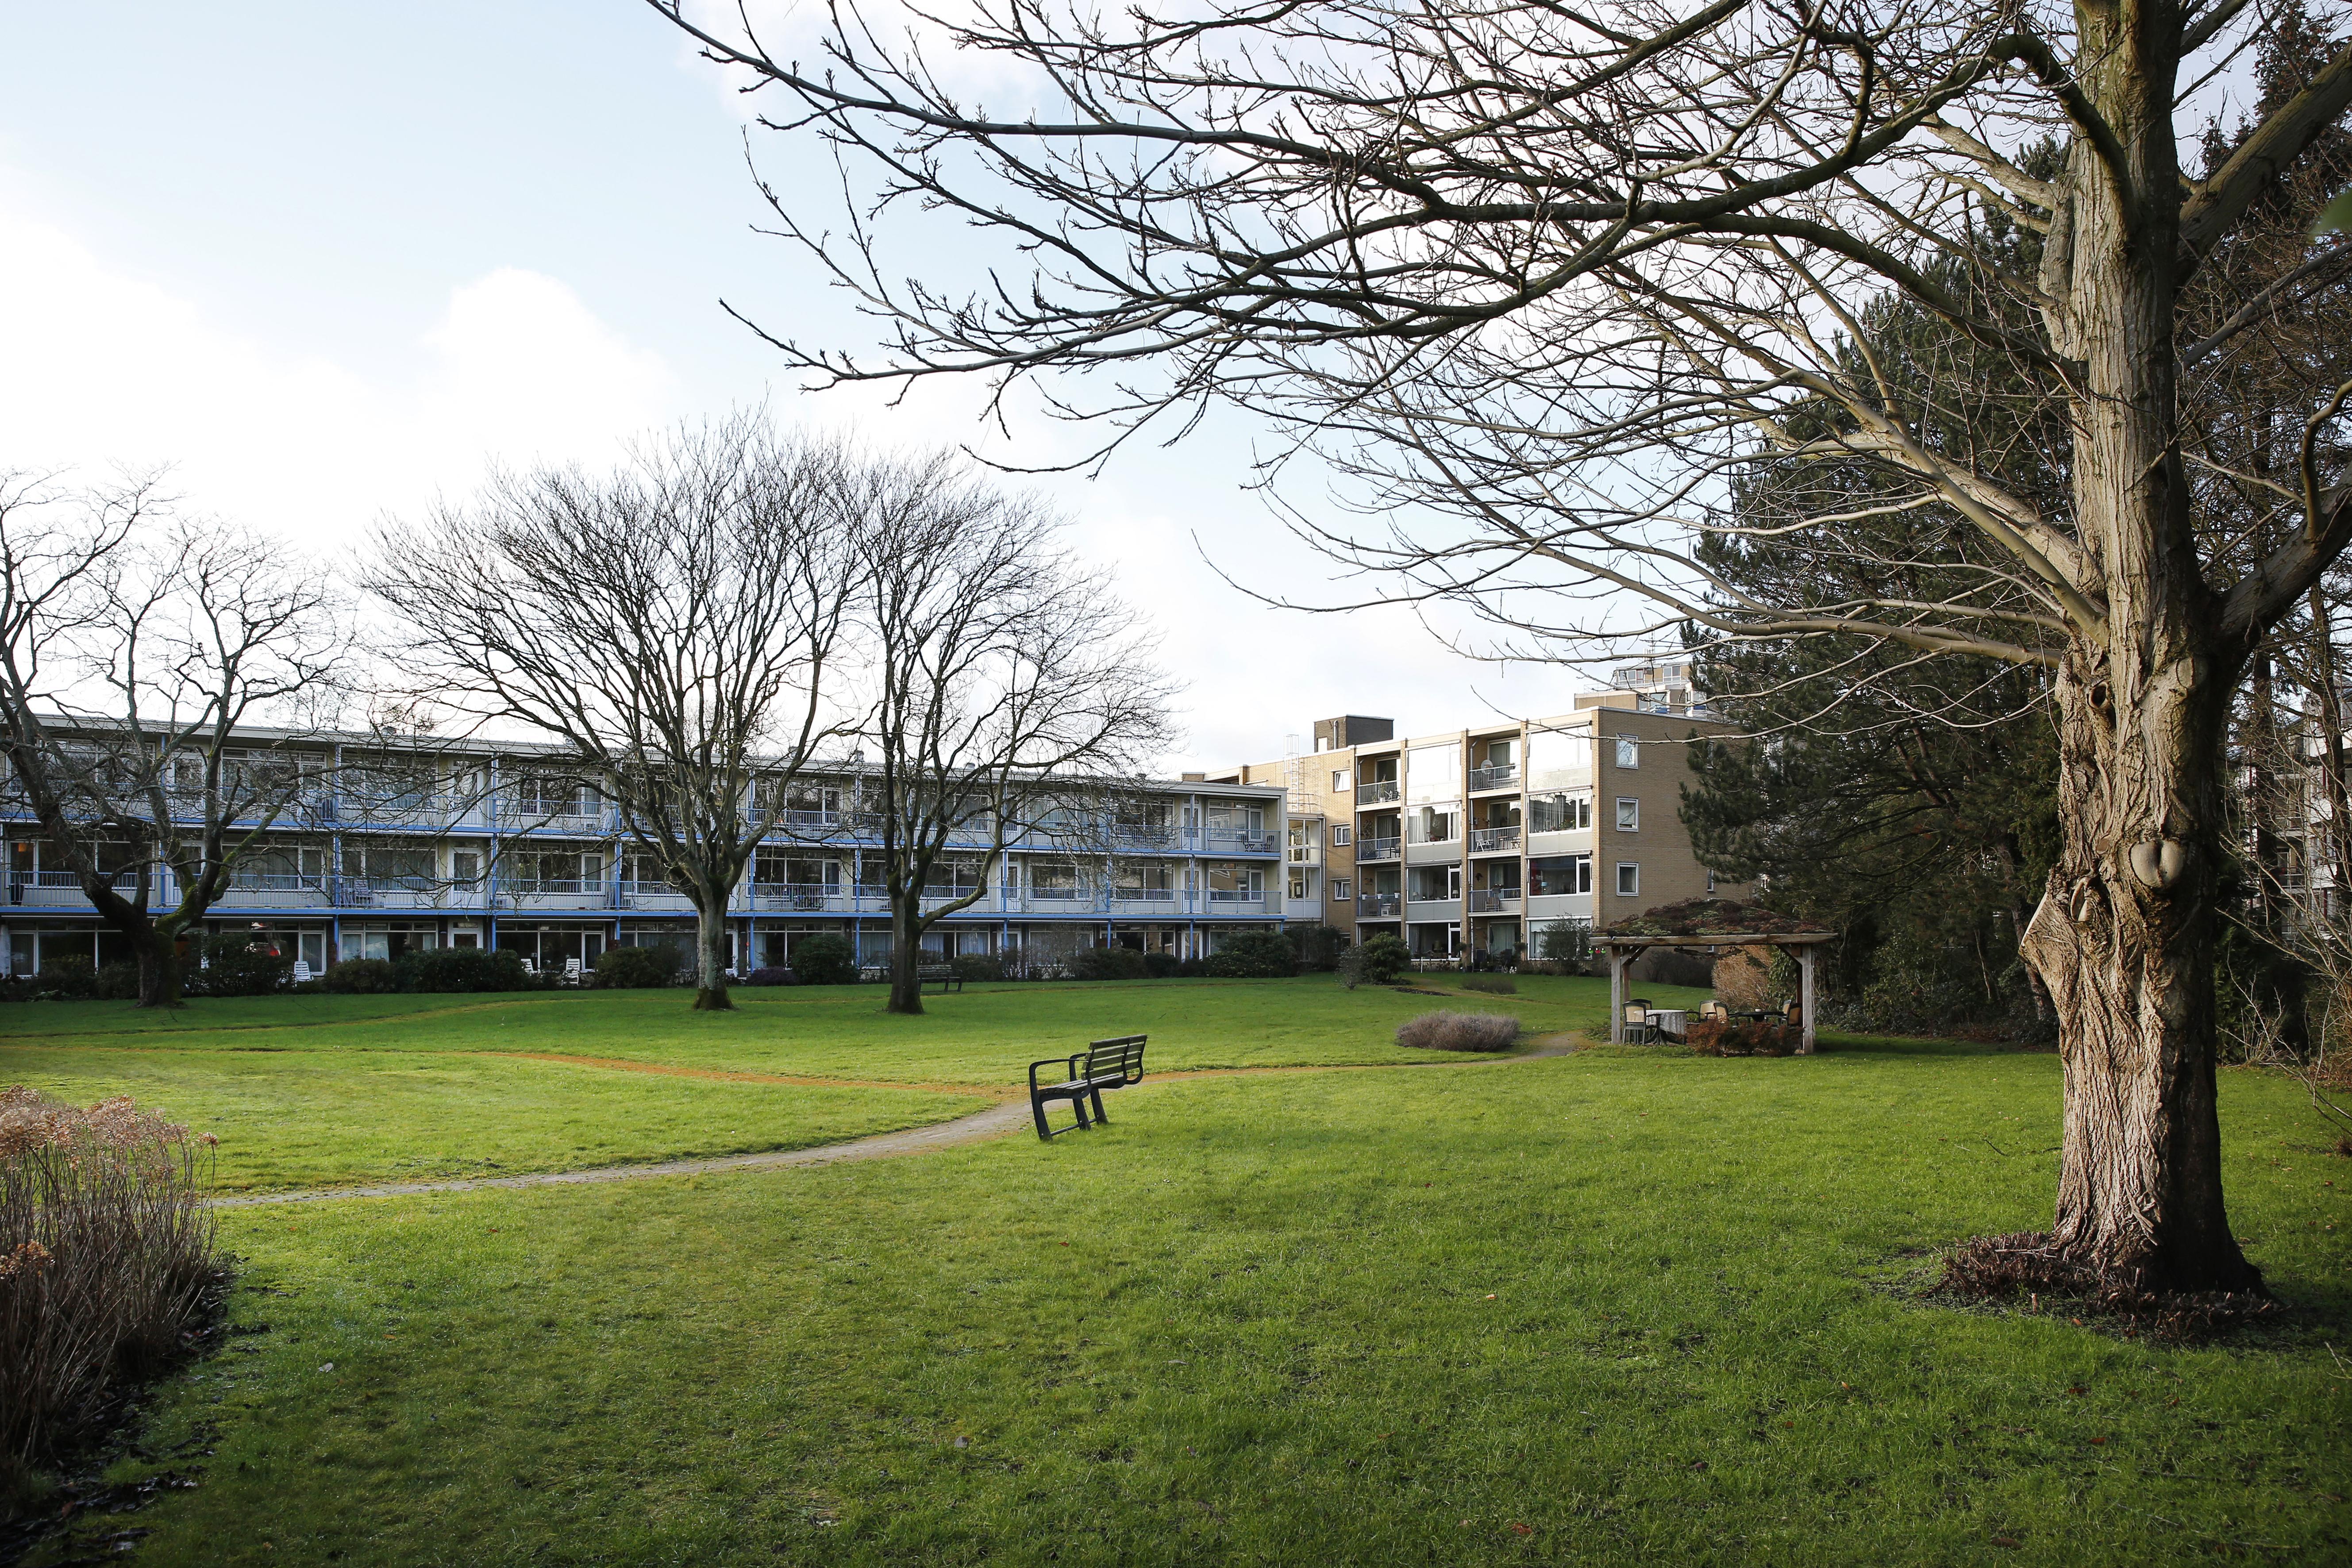 Buurt ageert tegen plan voor de bouw van 35 appartementen bij zorginstelling De Gooise Warande in Bussum; 'Sociale woningbouw met asociale gevolgen'